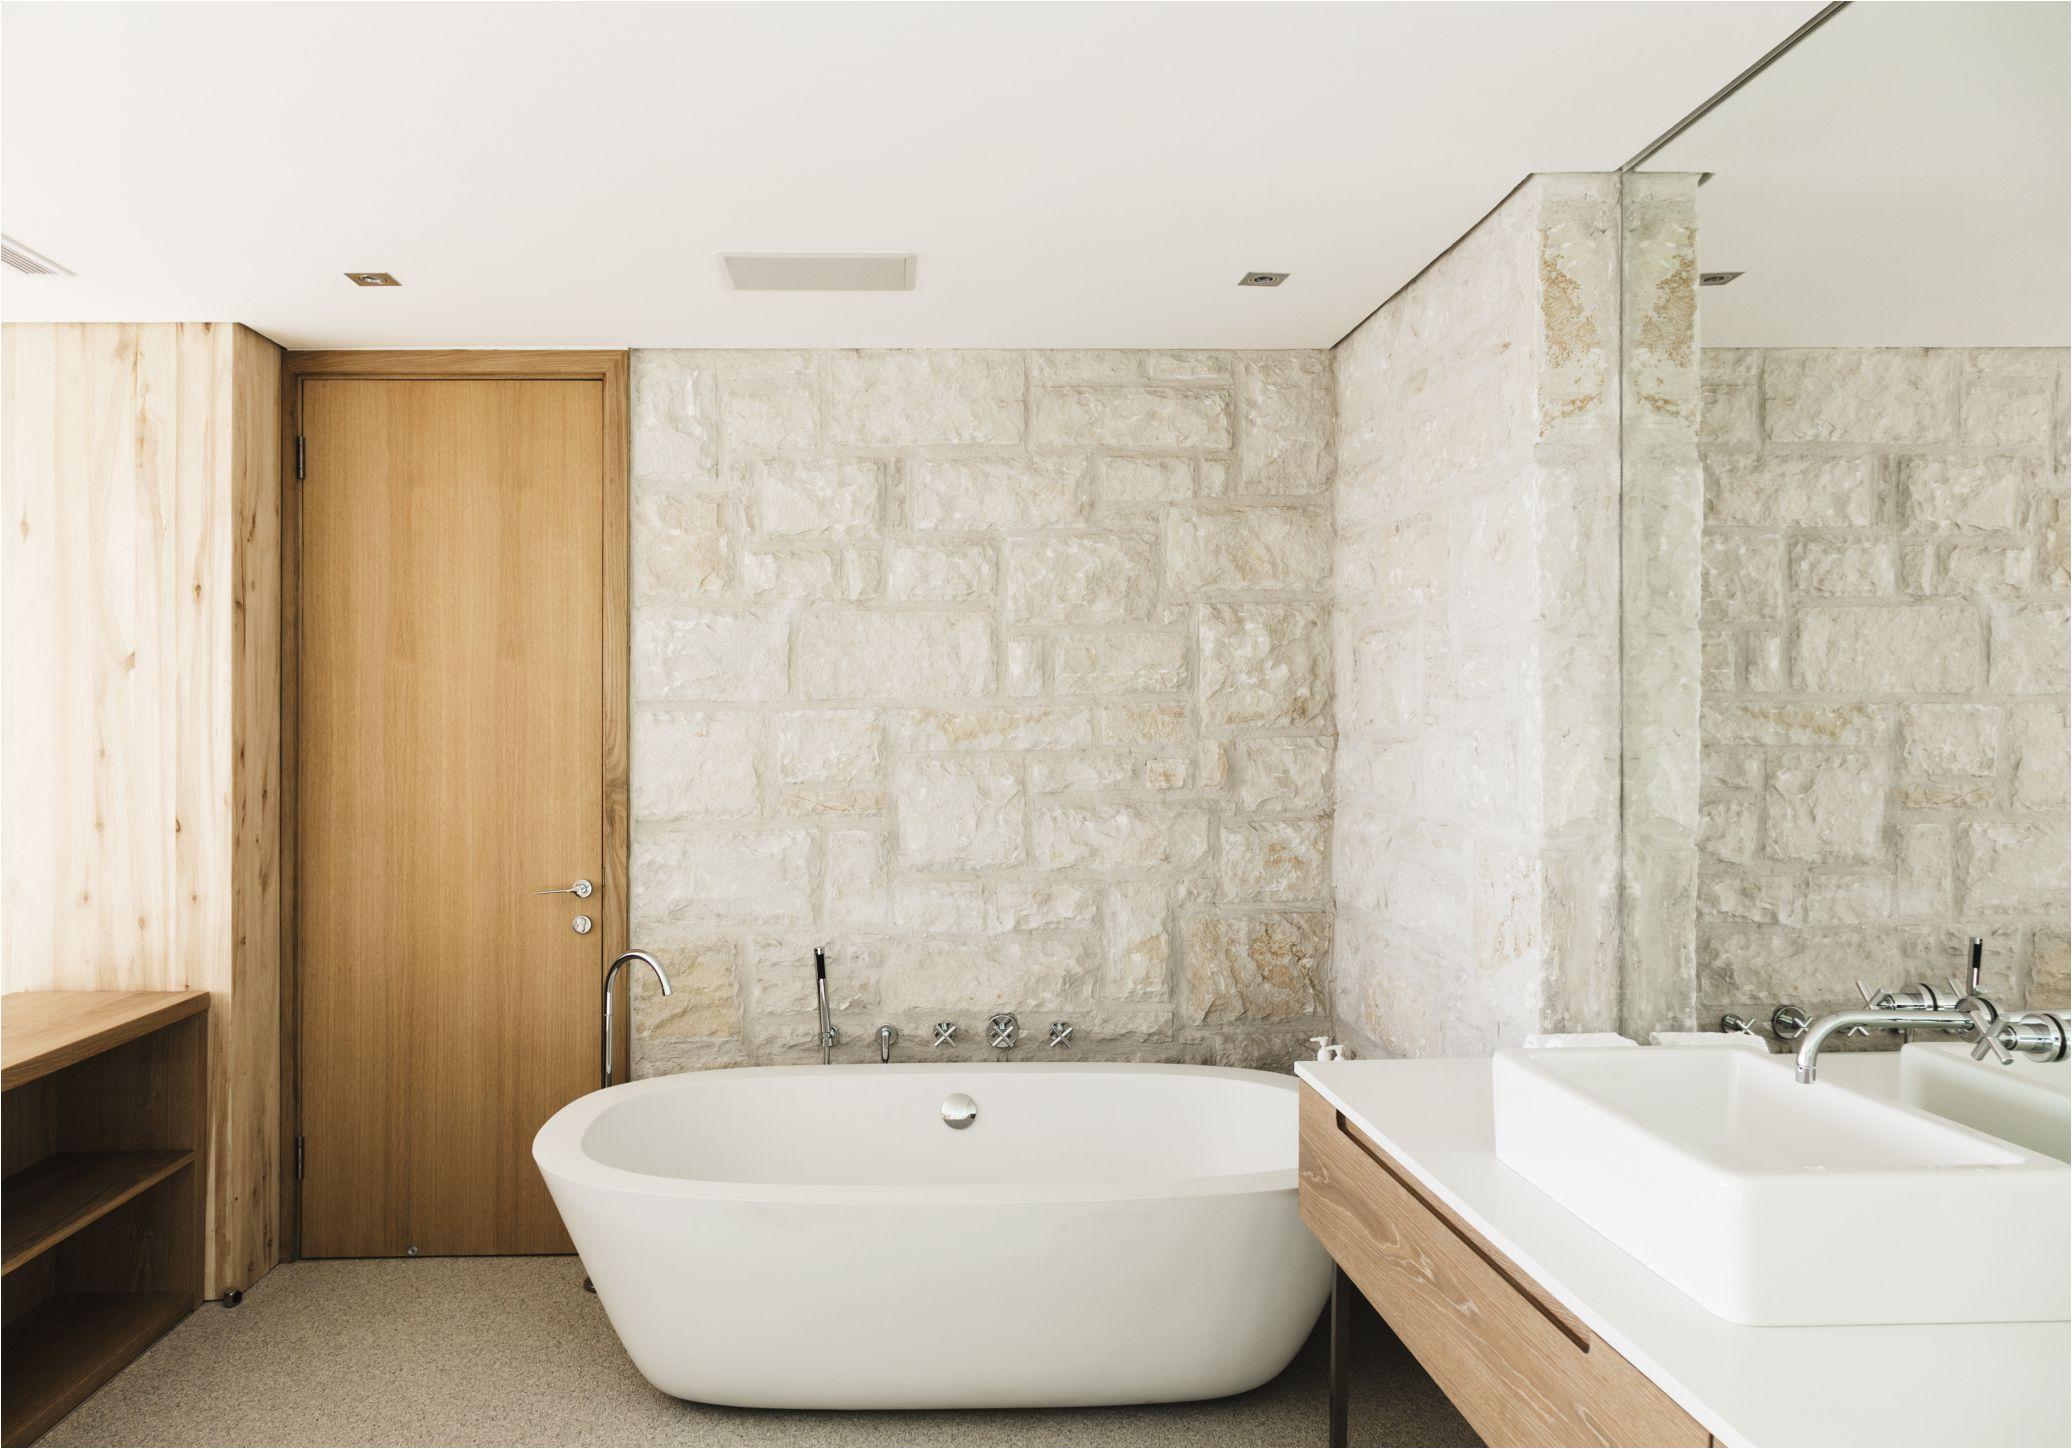 Painting Bathtub Liner Di Vs Professional Bathtub Shower Refinishing